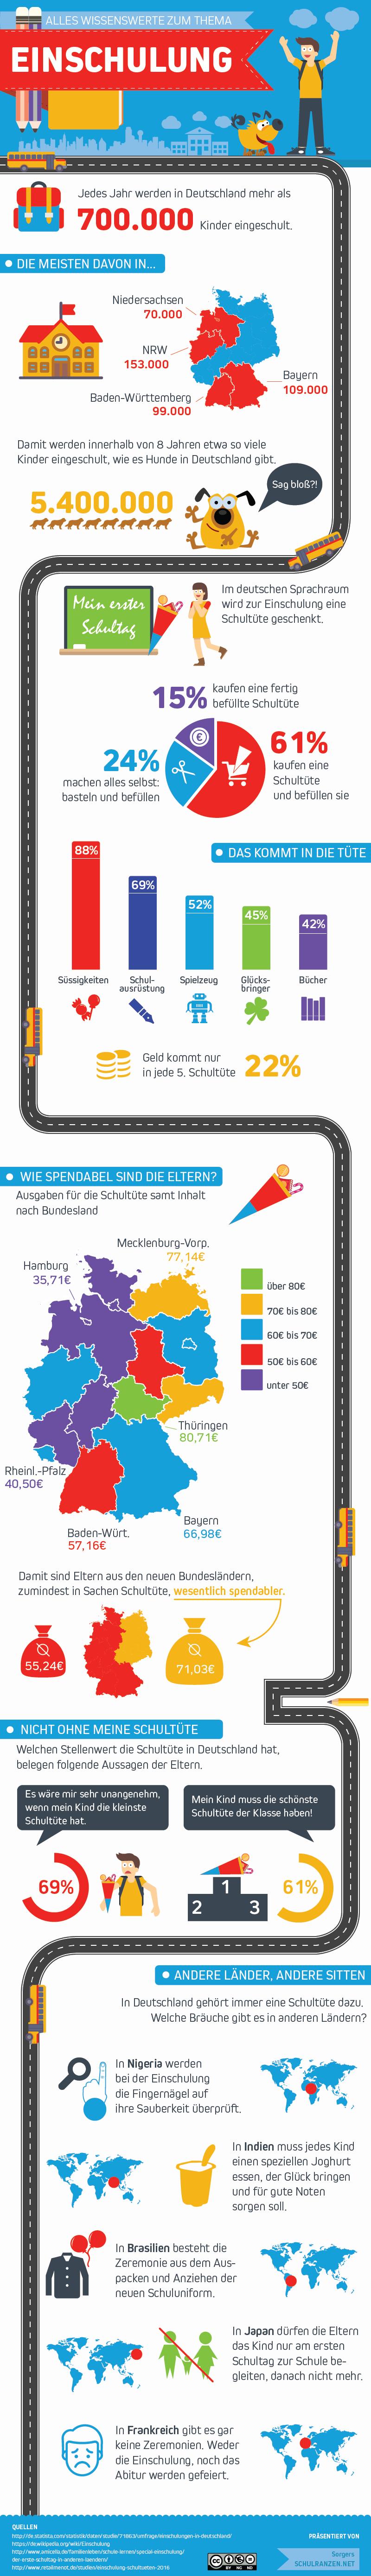 einschulung-infografik